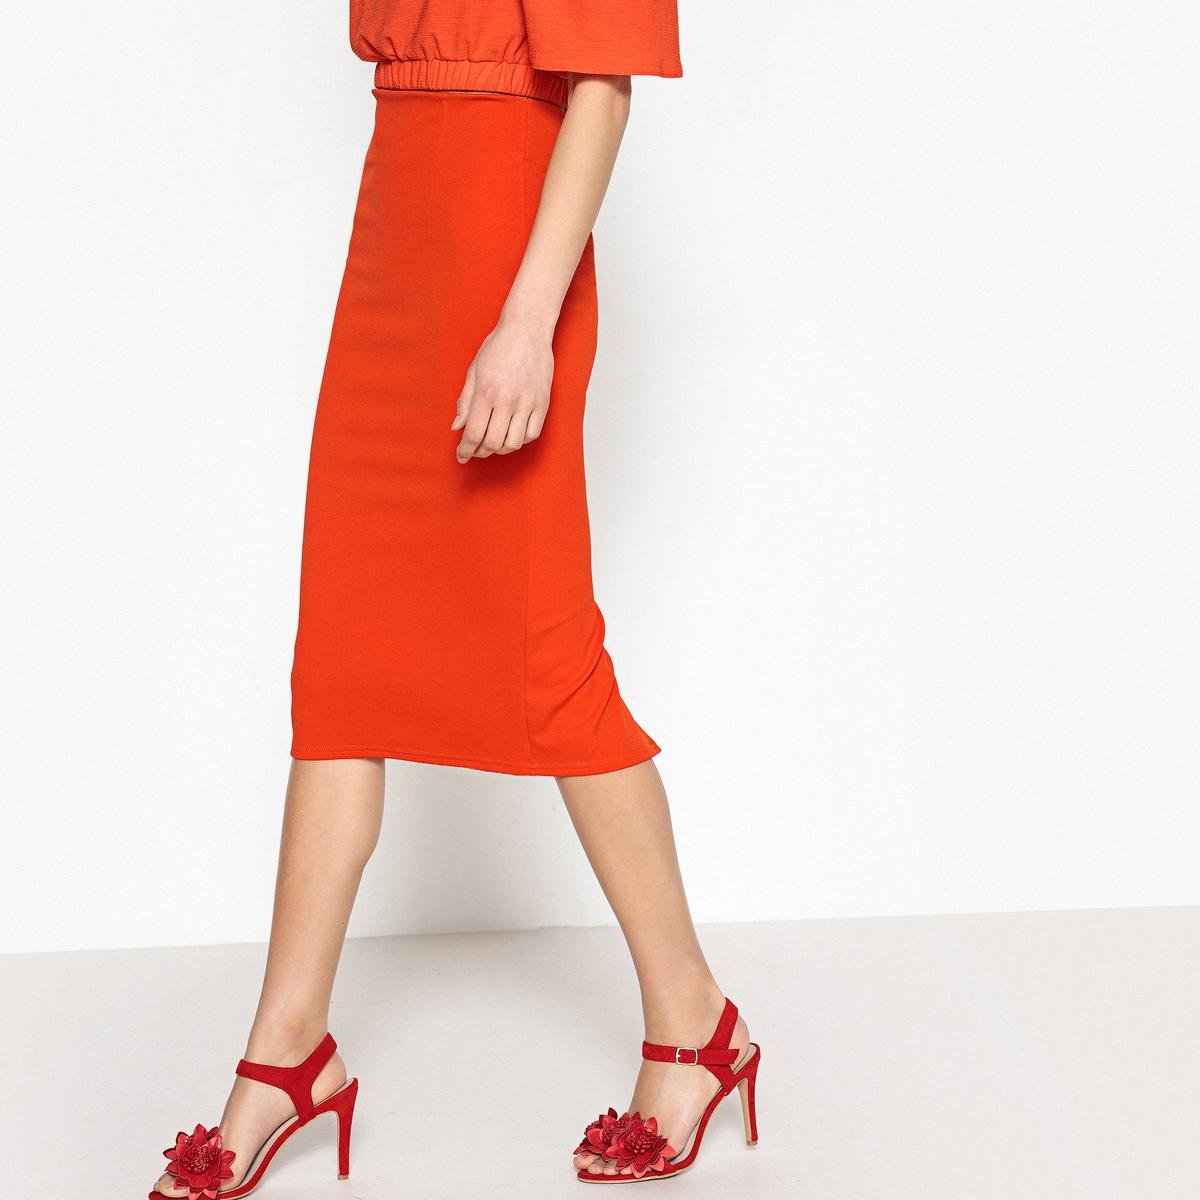 Юбка-карандаш с высокой талией, длина до колен буэнос ниньос пояс оформлены юбку карандаш с коротким рукавом платье длиной до колен